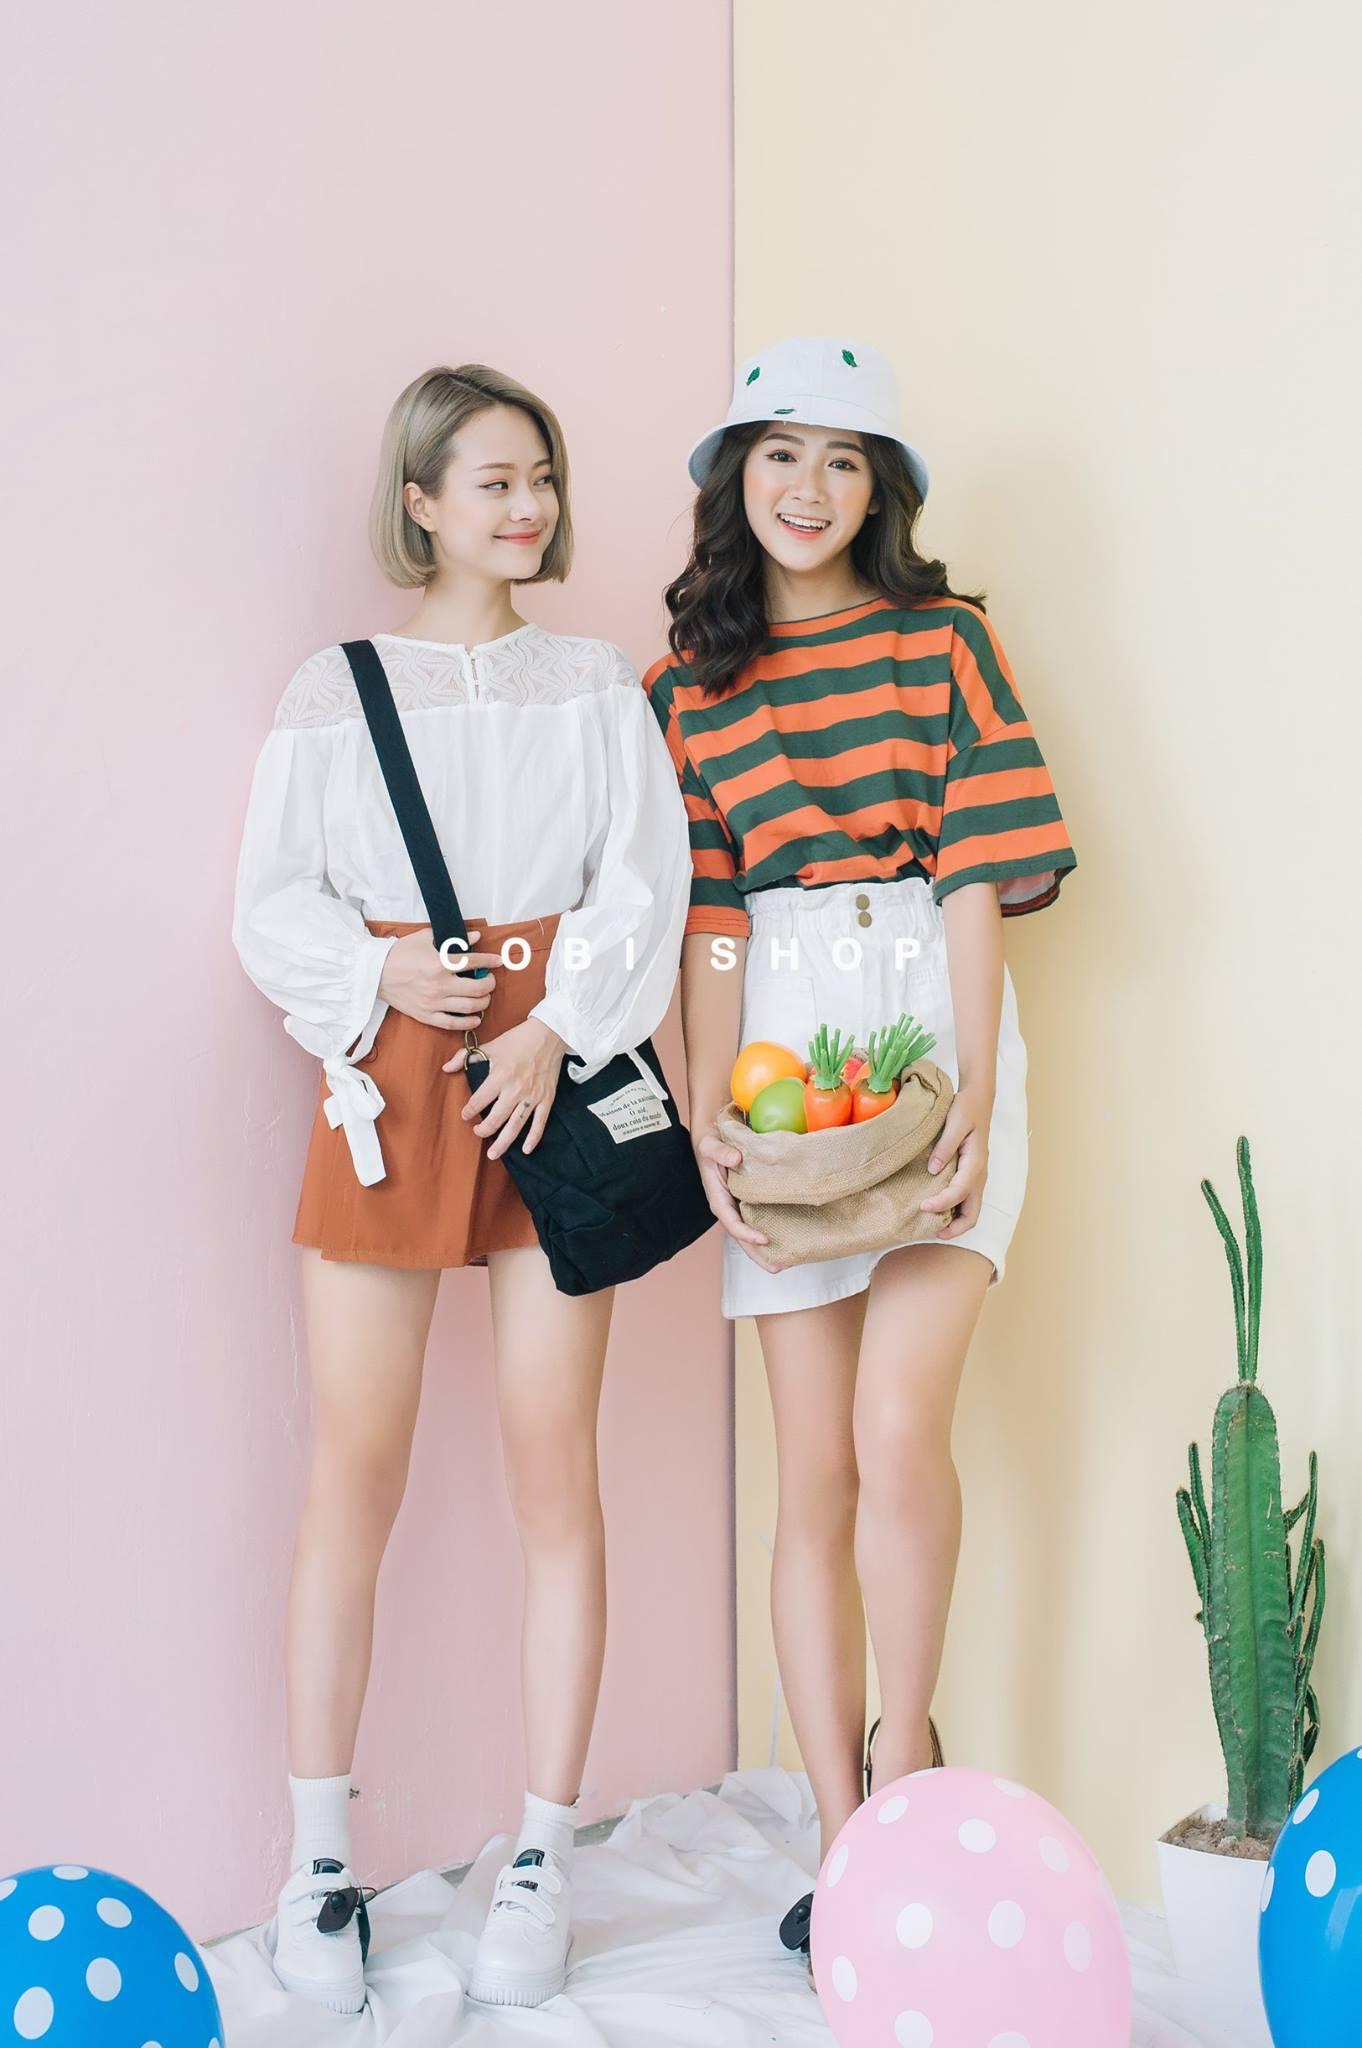 Đồ đẹp, trendy mà giá lại mềm, đây là 15 shop thời trang được giới trẻ Hà Nội kết nhất hiện nay - Ảnh 36.